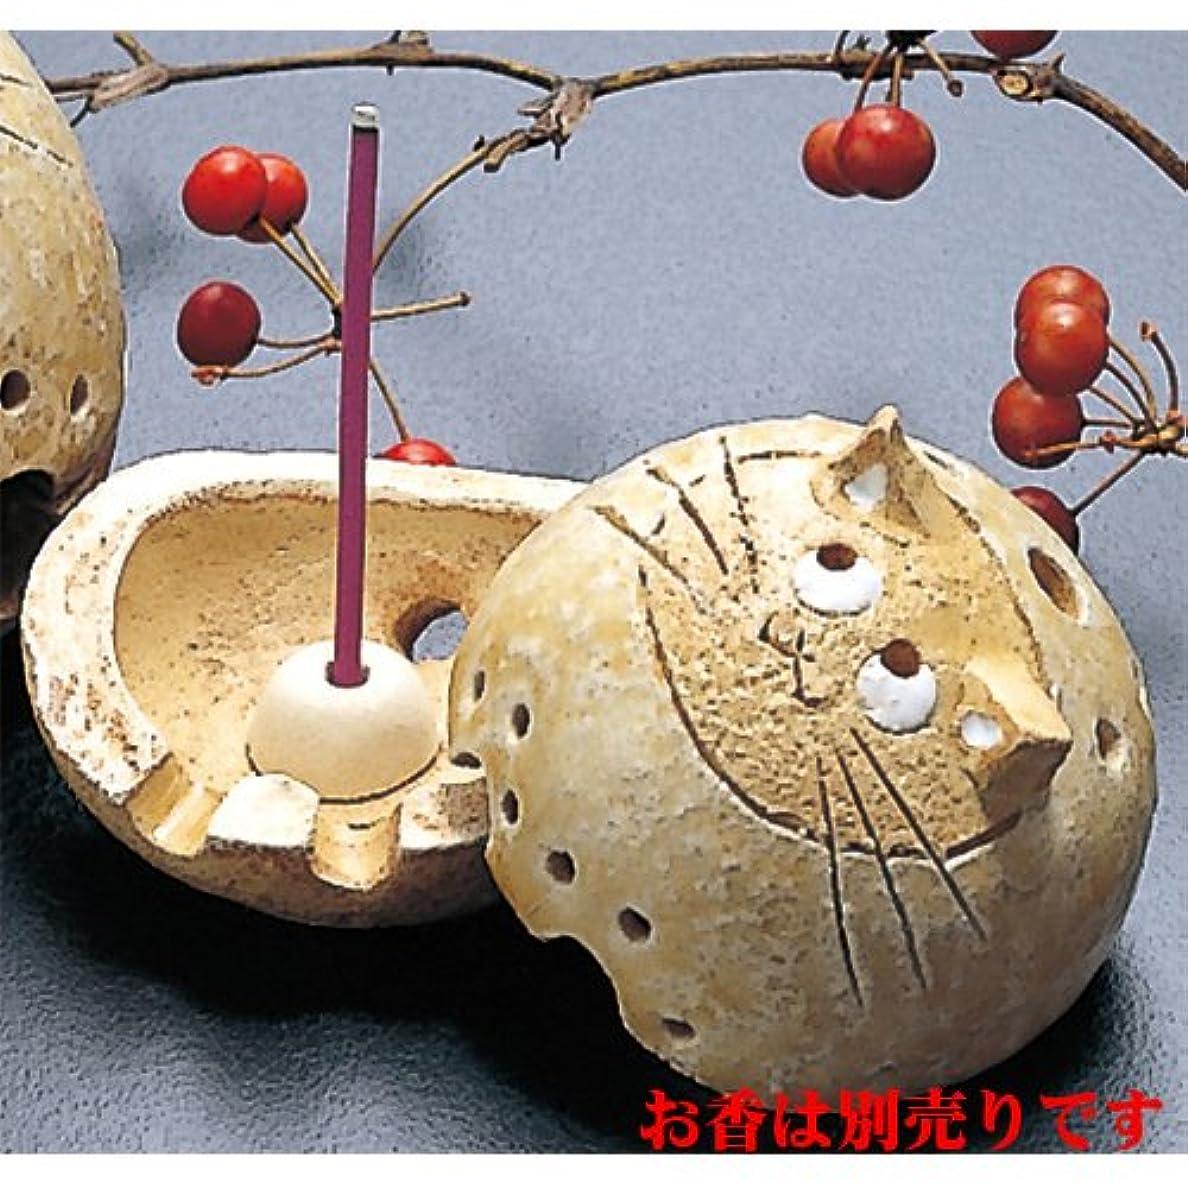 頬オッズ繊細香炉 丸猫 香炉(小) [H6cm] HANDMADE プレゼント ギフト 和食器 かわいい インテリア